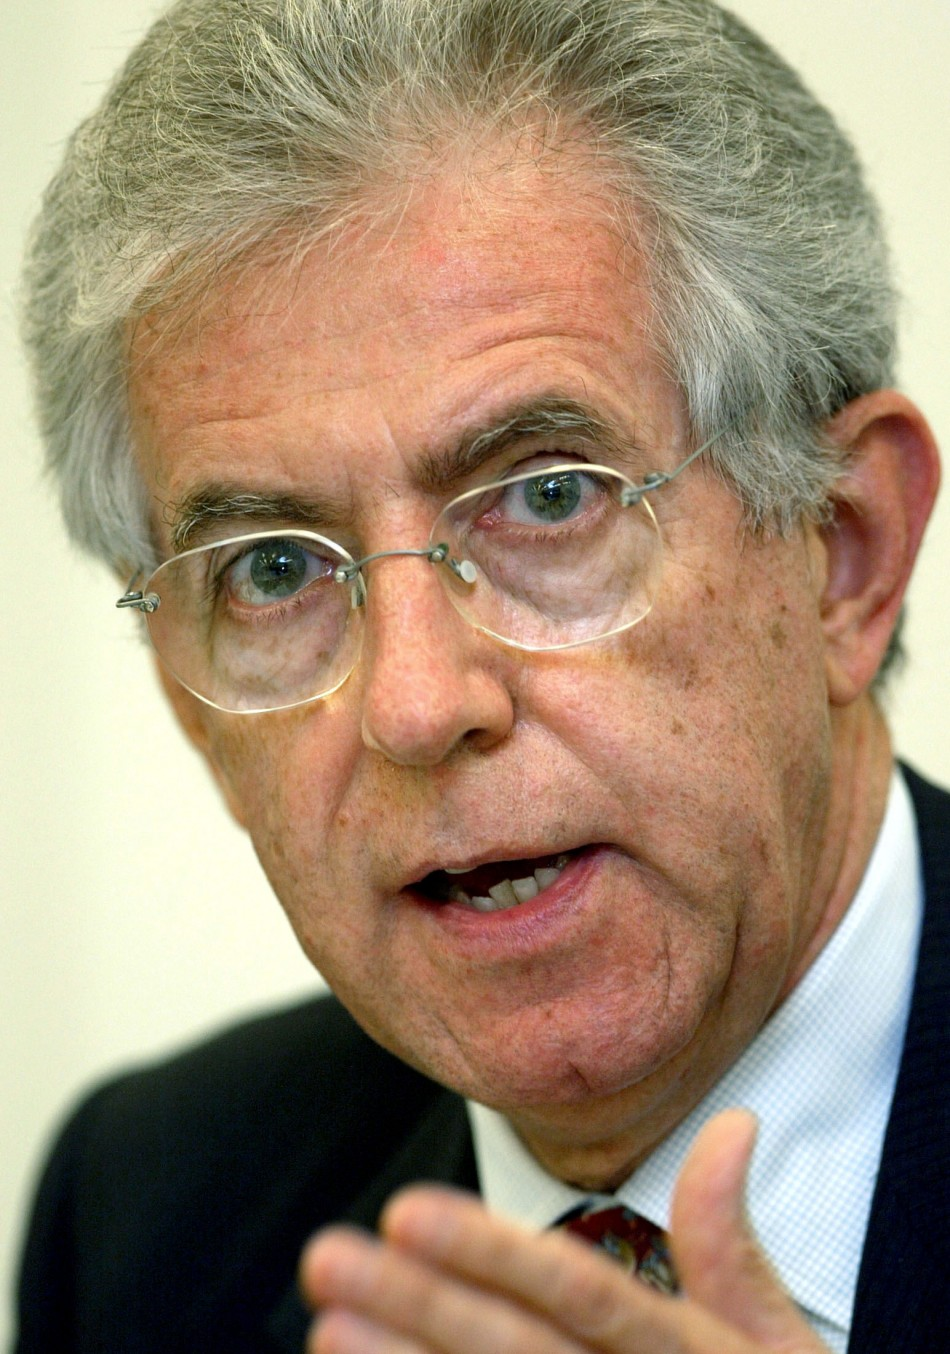 Economist and Former European Commissioner Mario Monti